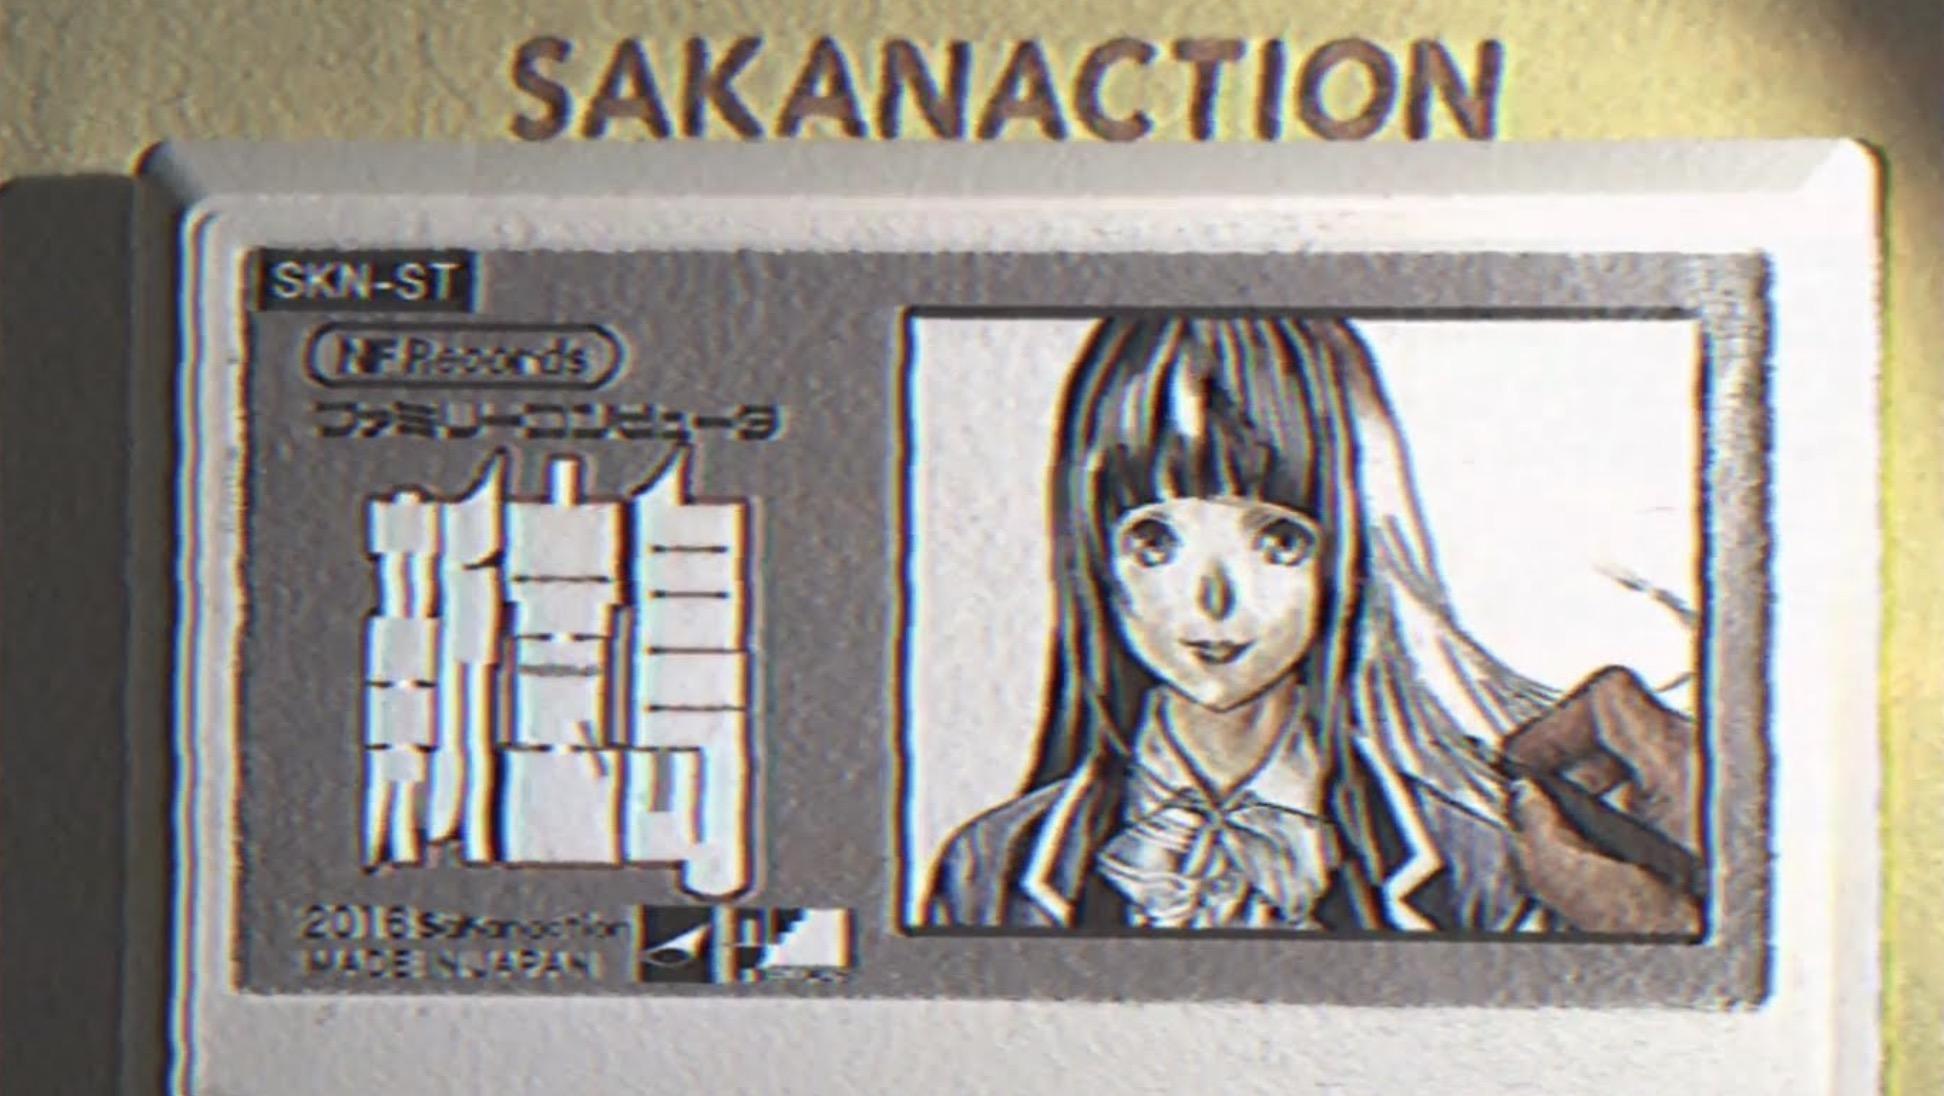 ファミコンの内臓音源でサカナクションの「新宝島」を再現した動画がスゴい!